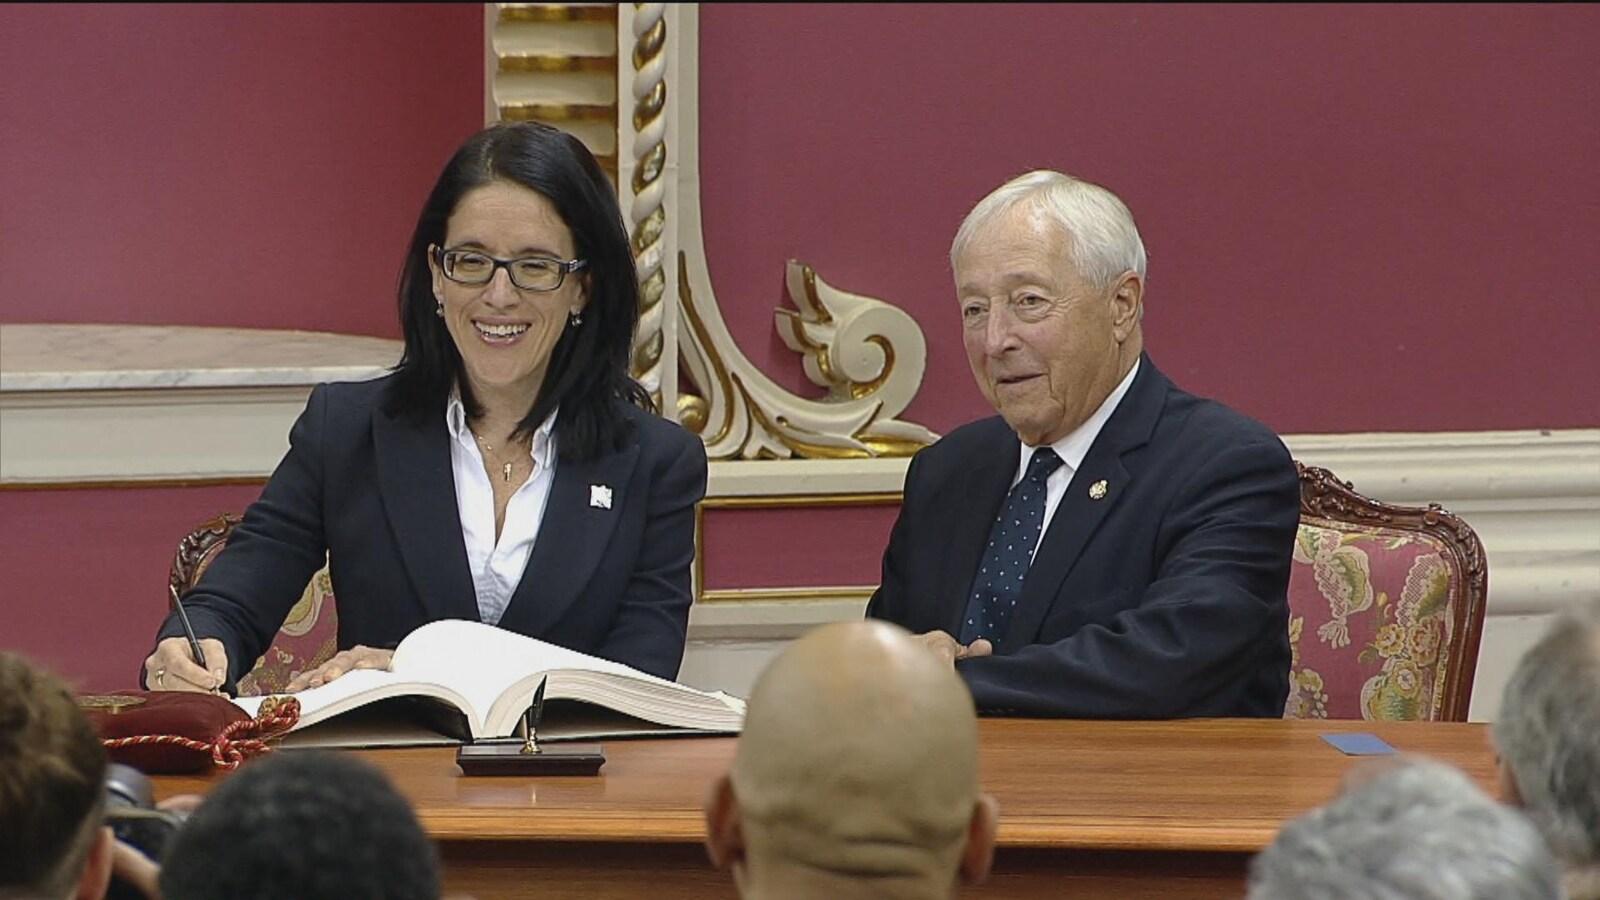 Sonia Lebel qui signe aux côtés du Lieutenant-gouverneur.